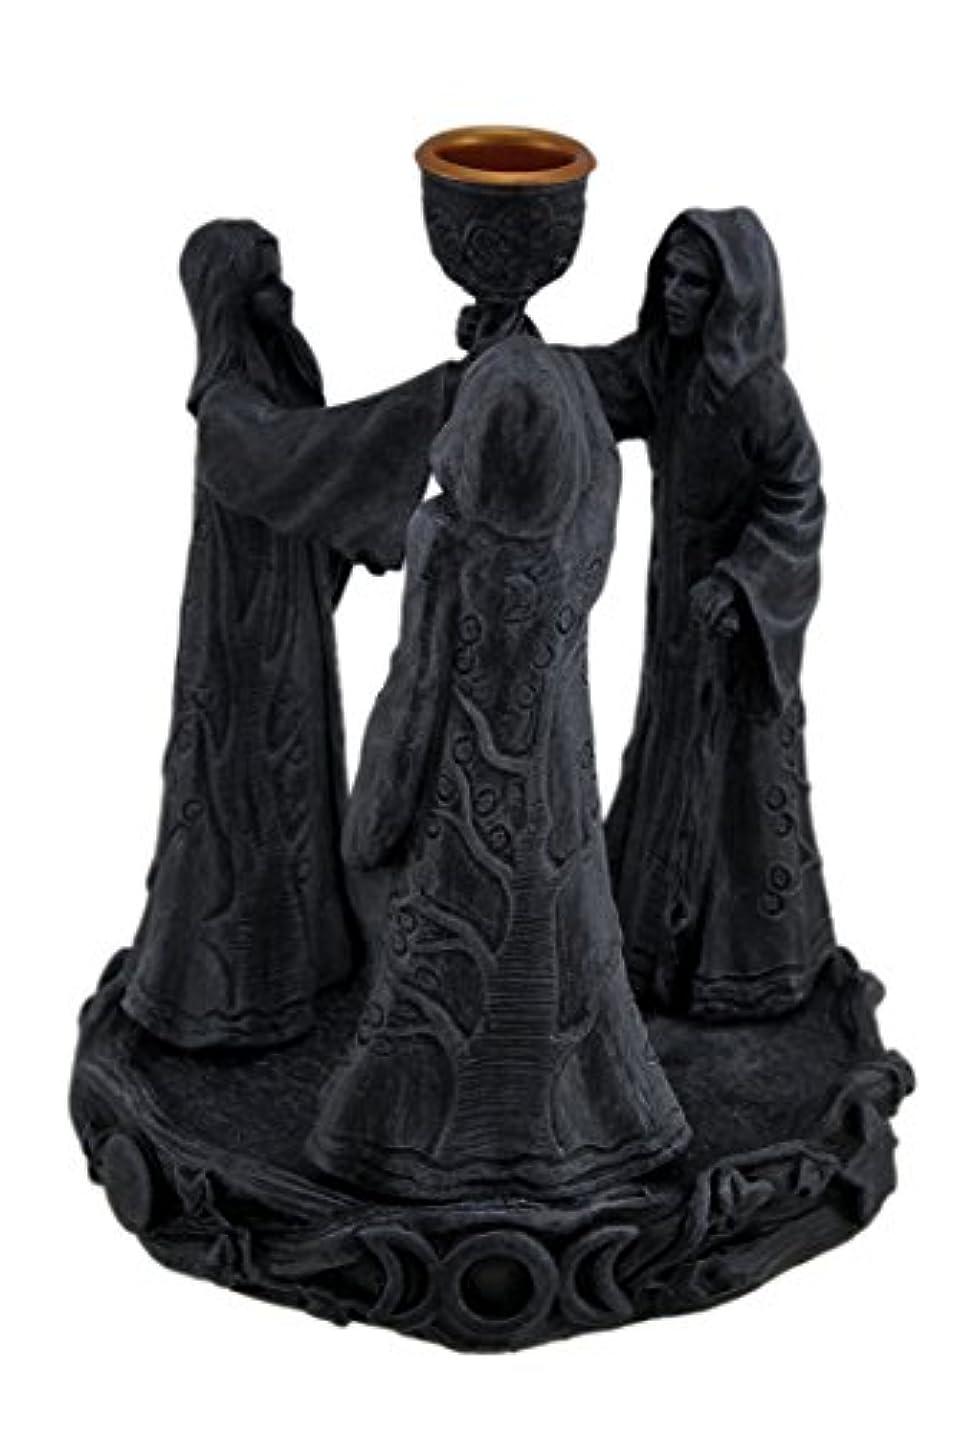 現代鎮痛剤緊張する樹脂Incense Holders Maiden母Crone Cone Incense Burner Paganウィッカ5.5 X 7 X 5.5インチ海軍モデル# 2740